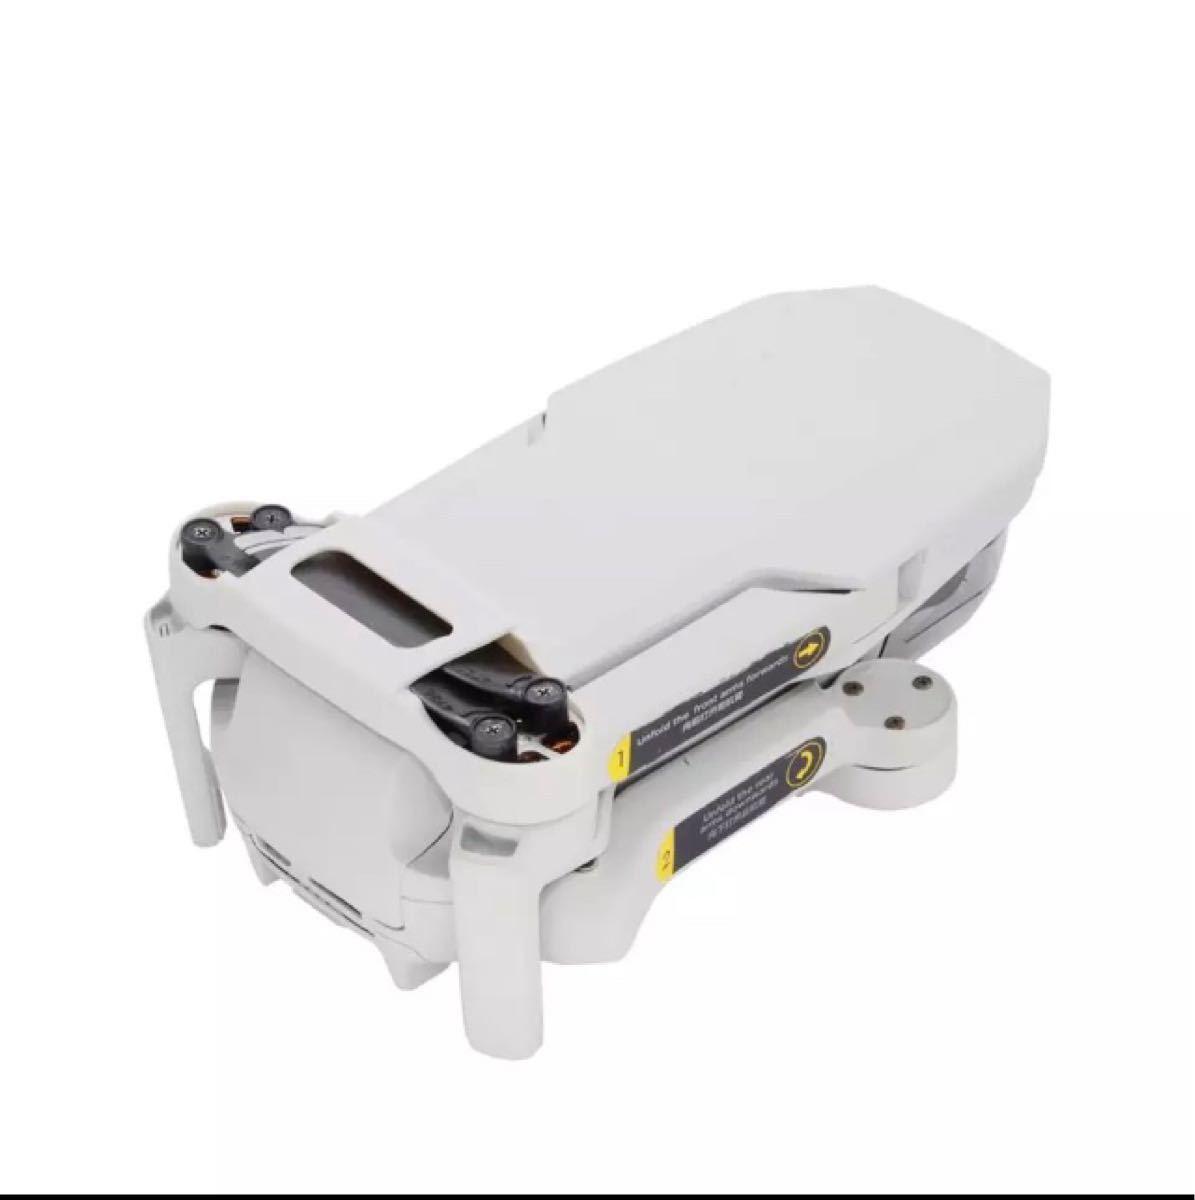 DJI MAVIC MINI MINI2用シリコンプロペラホルダー ライトグレー